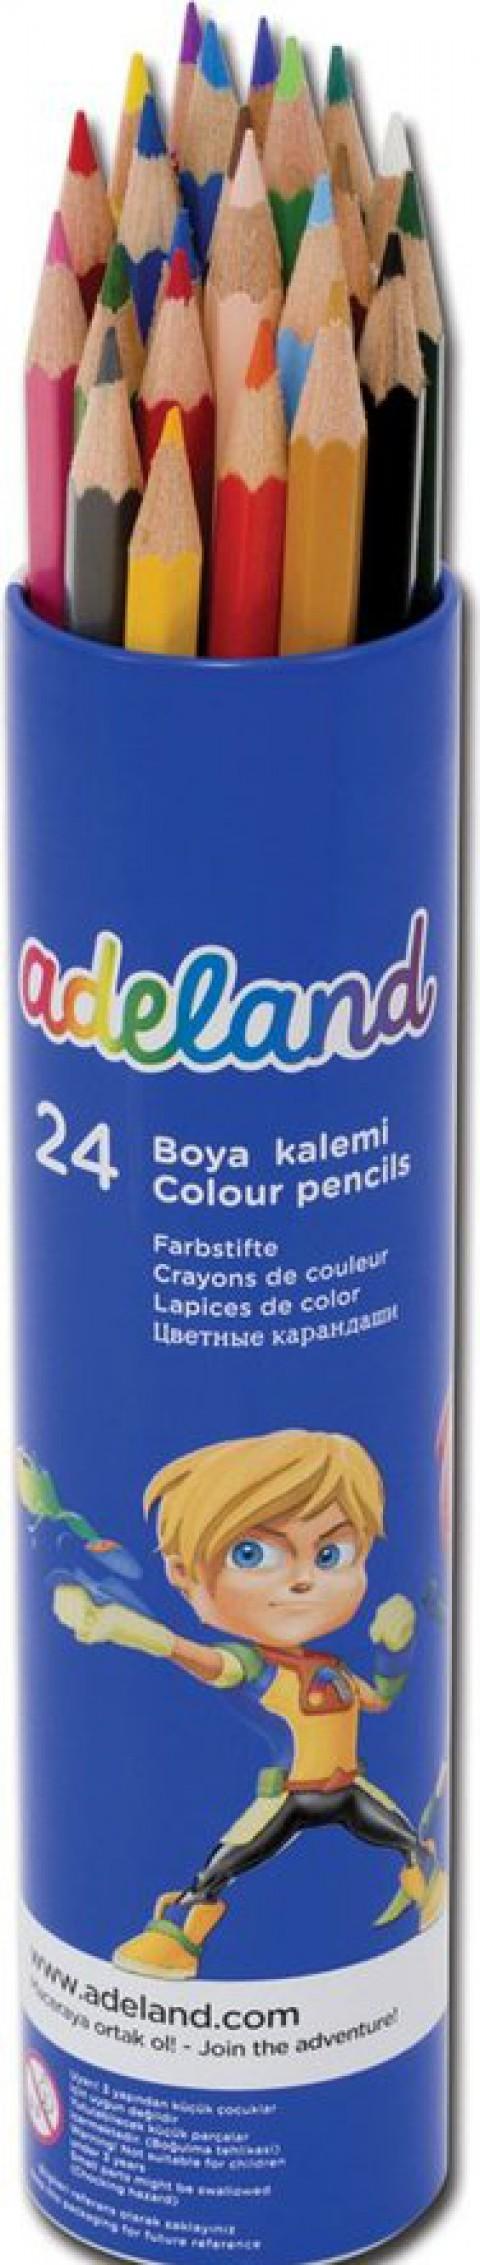 Adel Metal Tüp Kuru Boya Kalemi 24 Renk